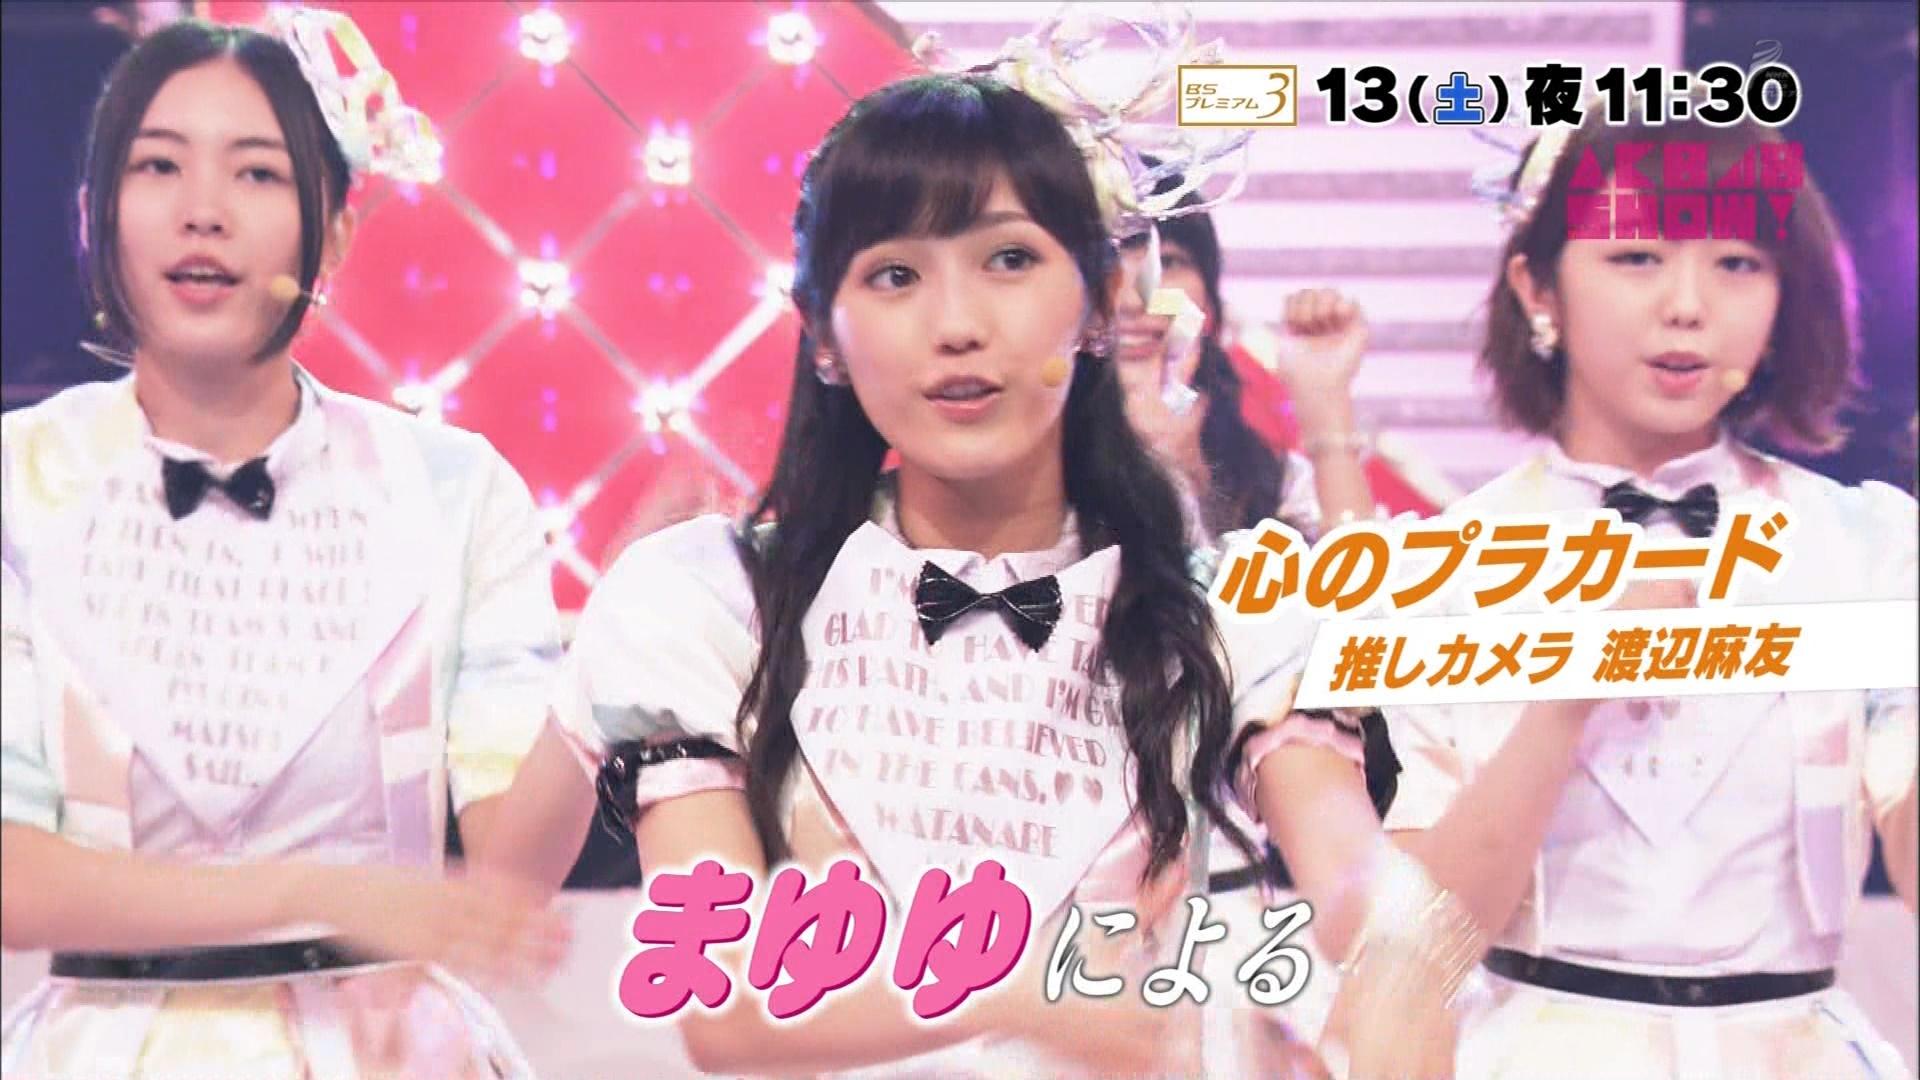 渡辺麻友SHOW!予告 AKB48SHOW! 20140906 (3)